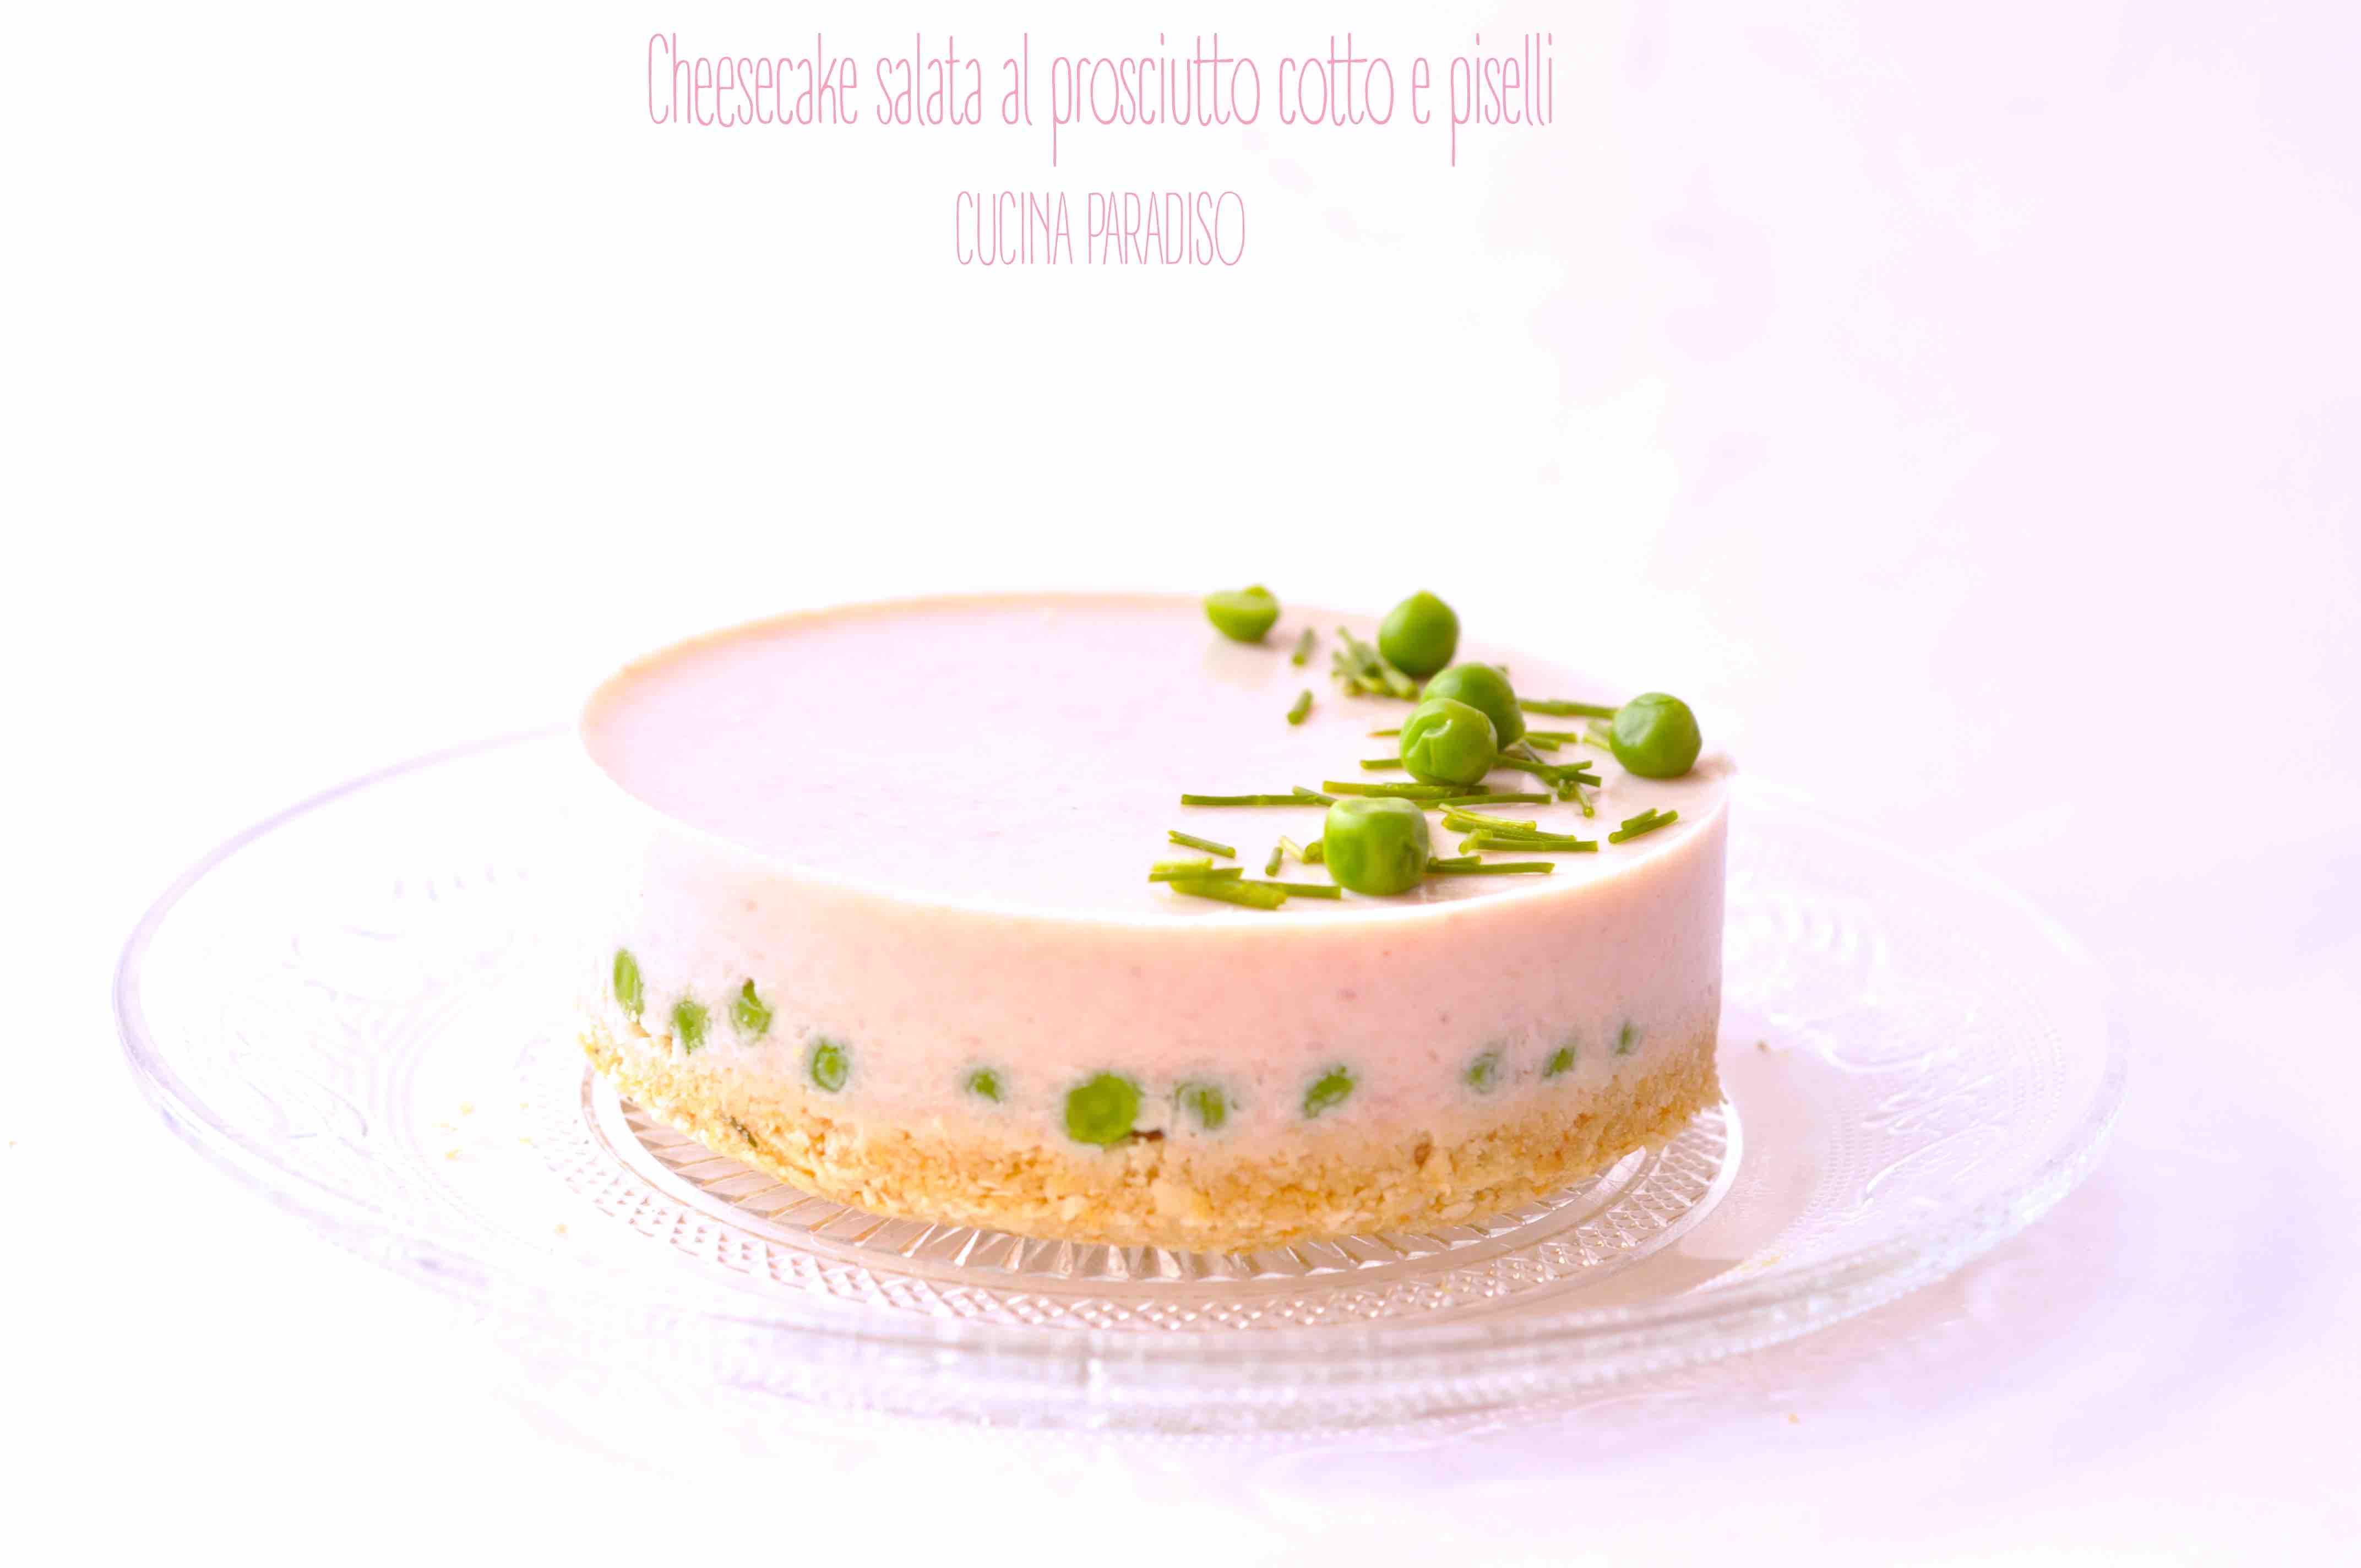 Cheesecake salata al prosciutto cotto e piselli2